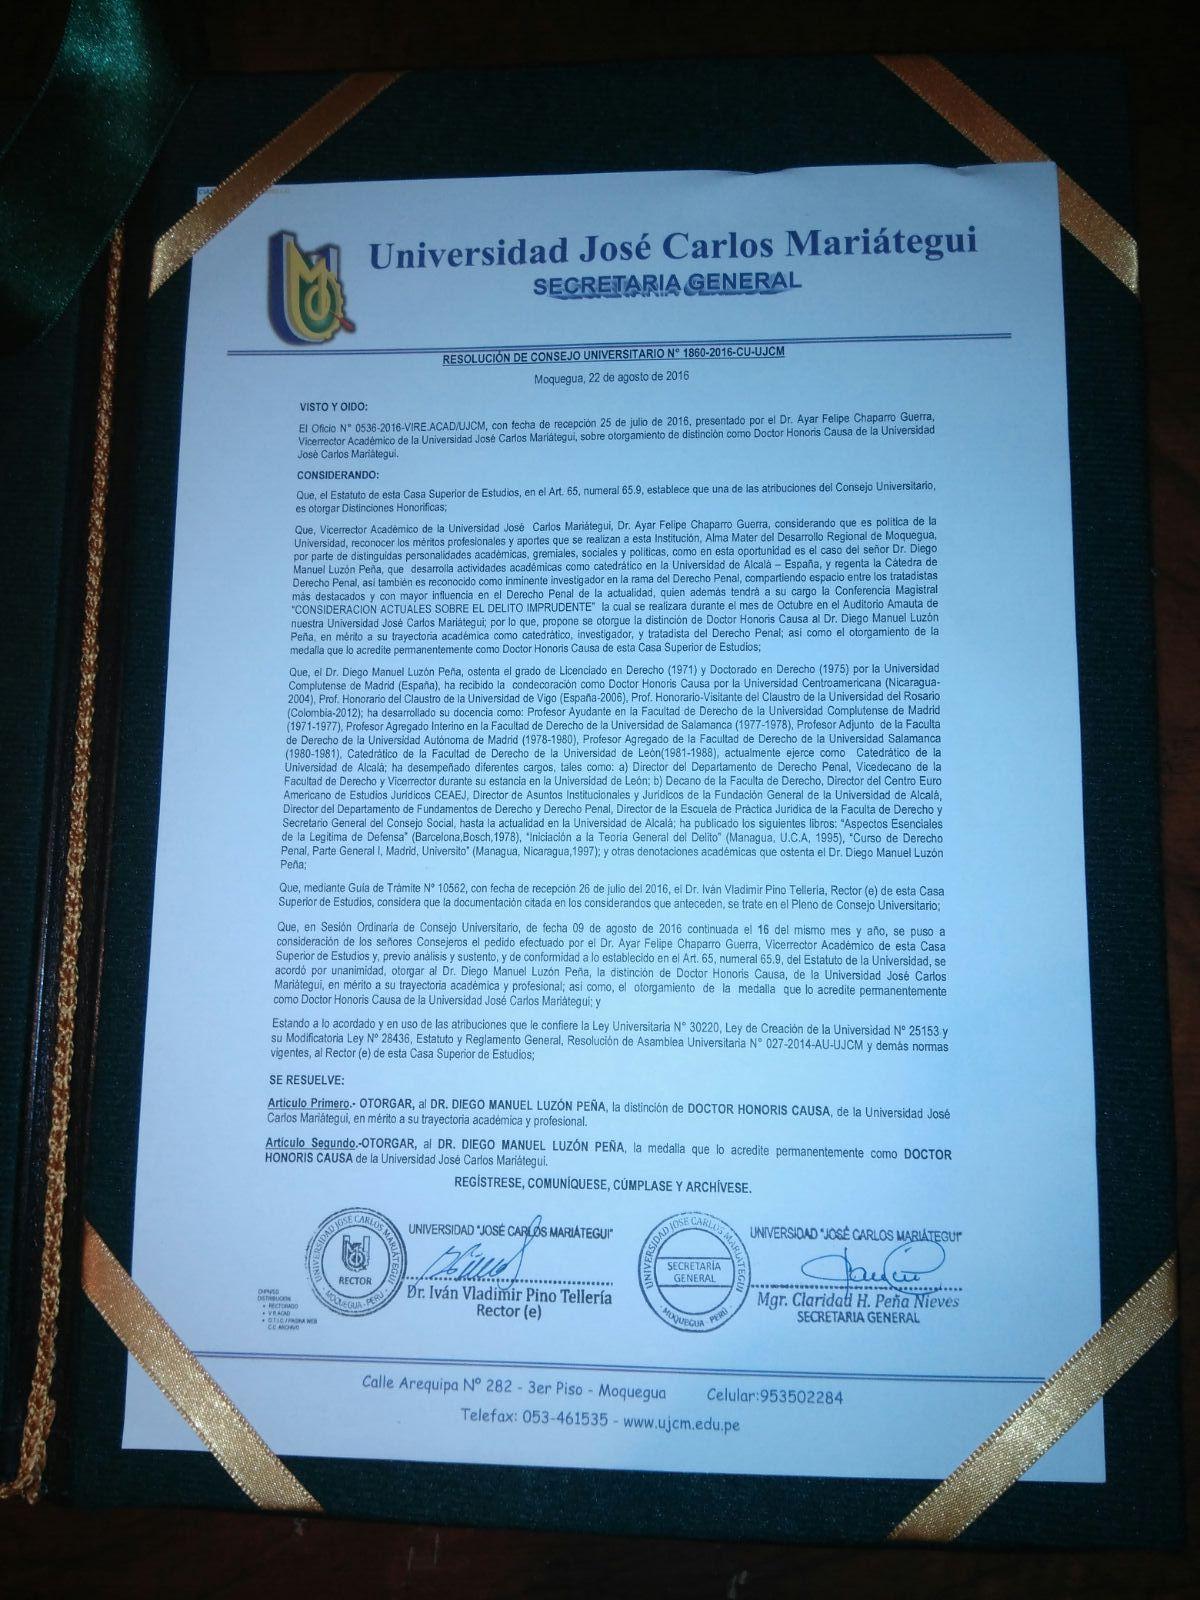 Resolución de nombramiento como Dr. h.c.